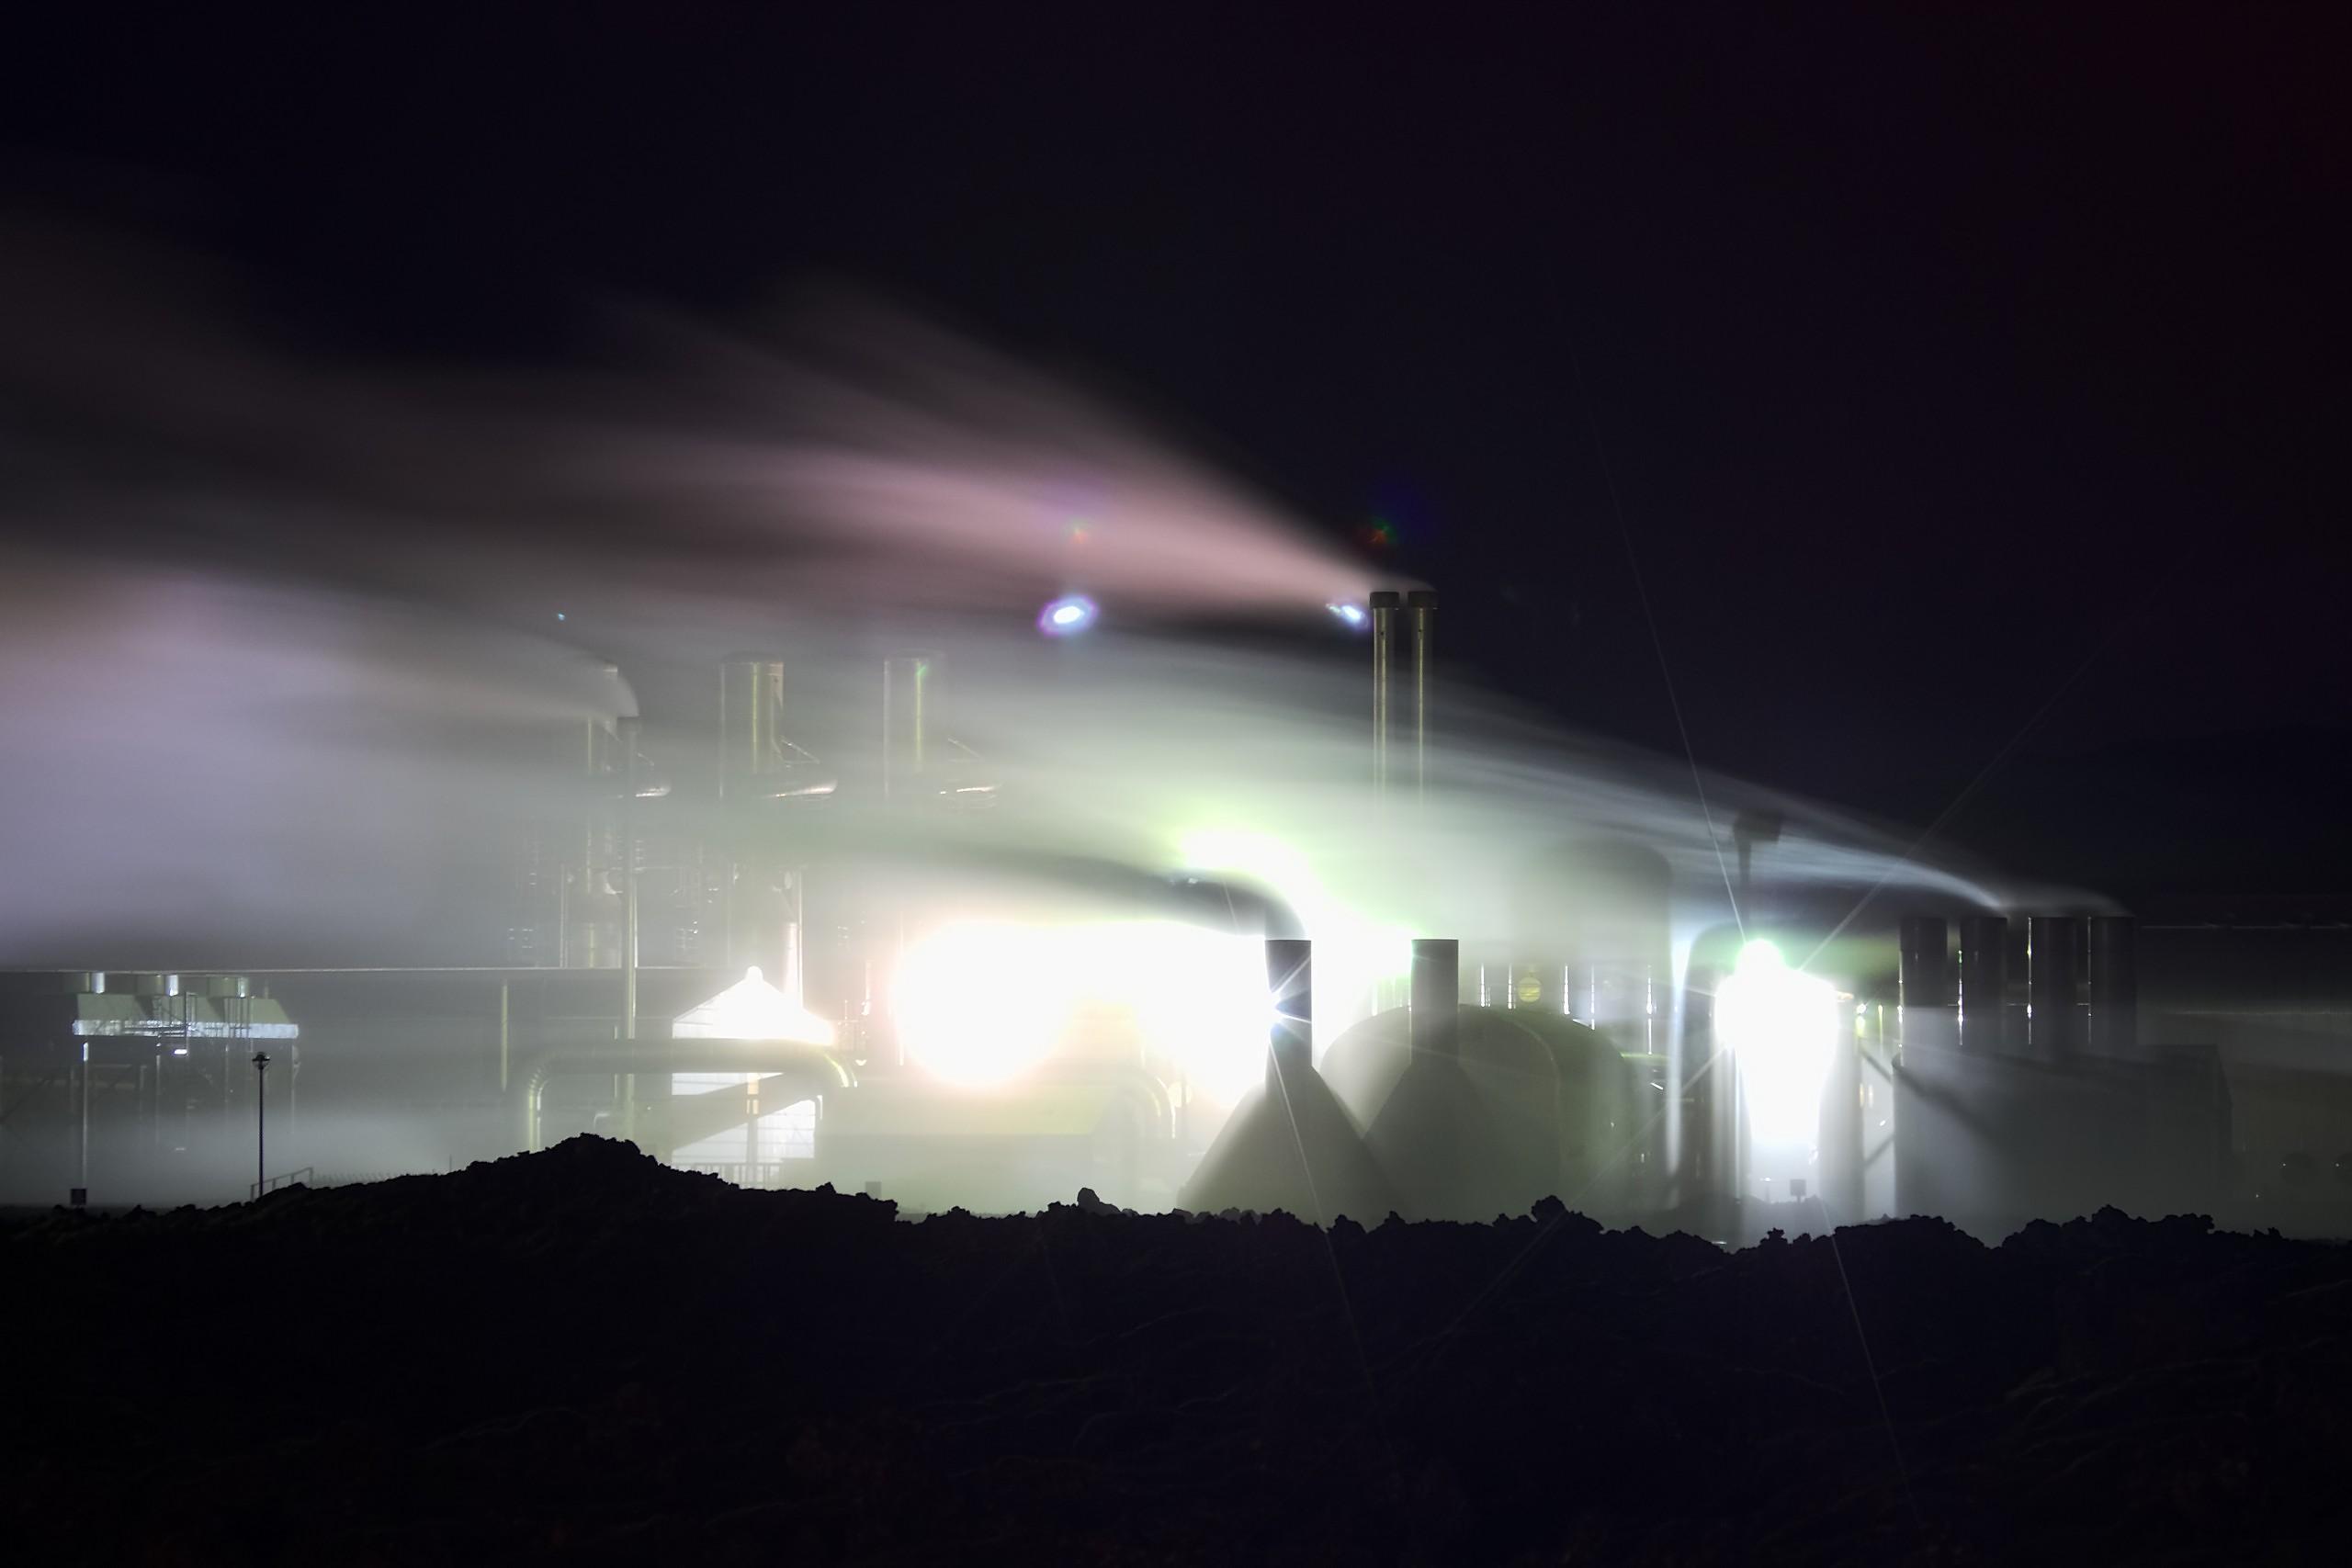 Illuminated Steam